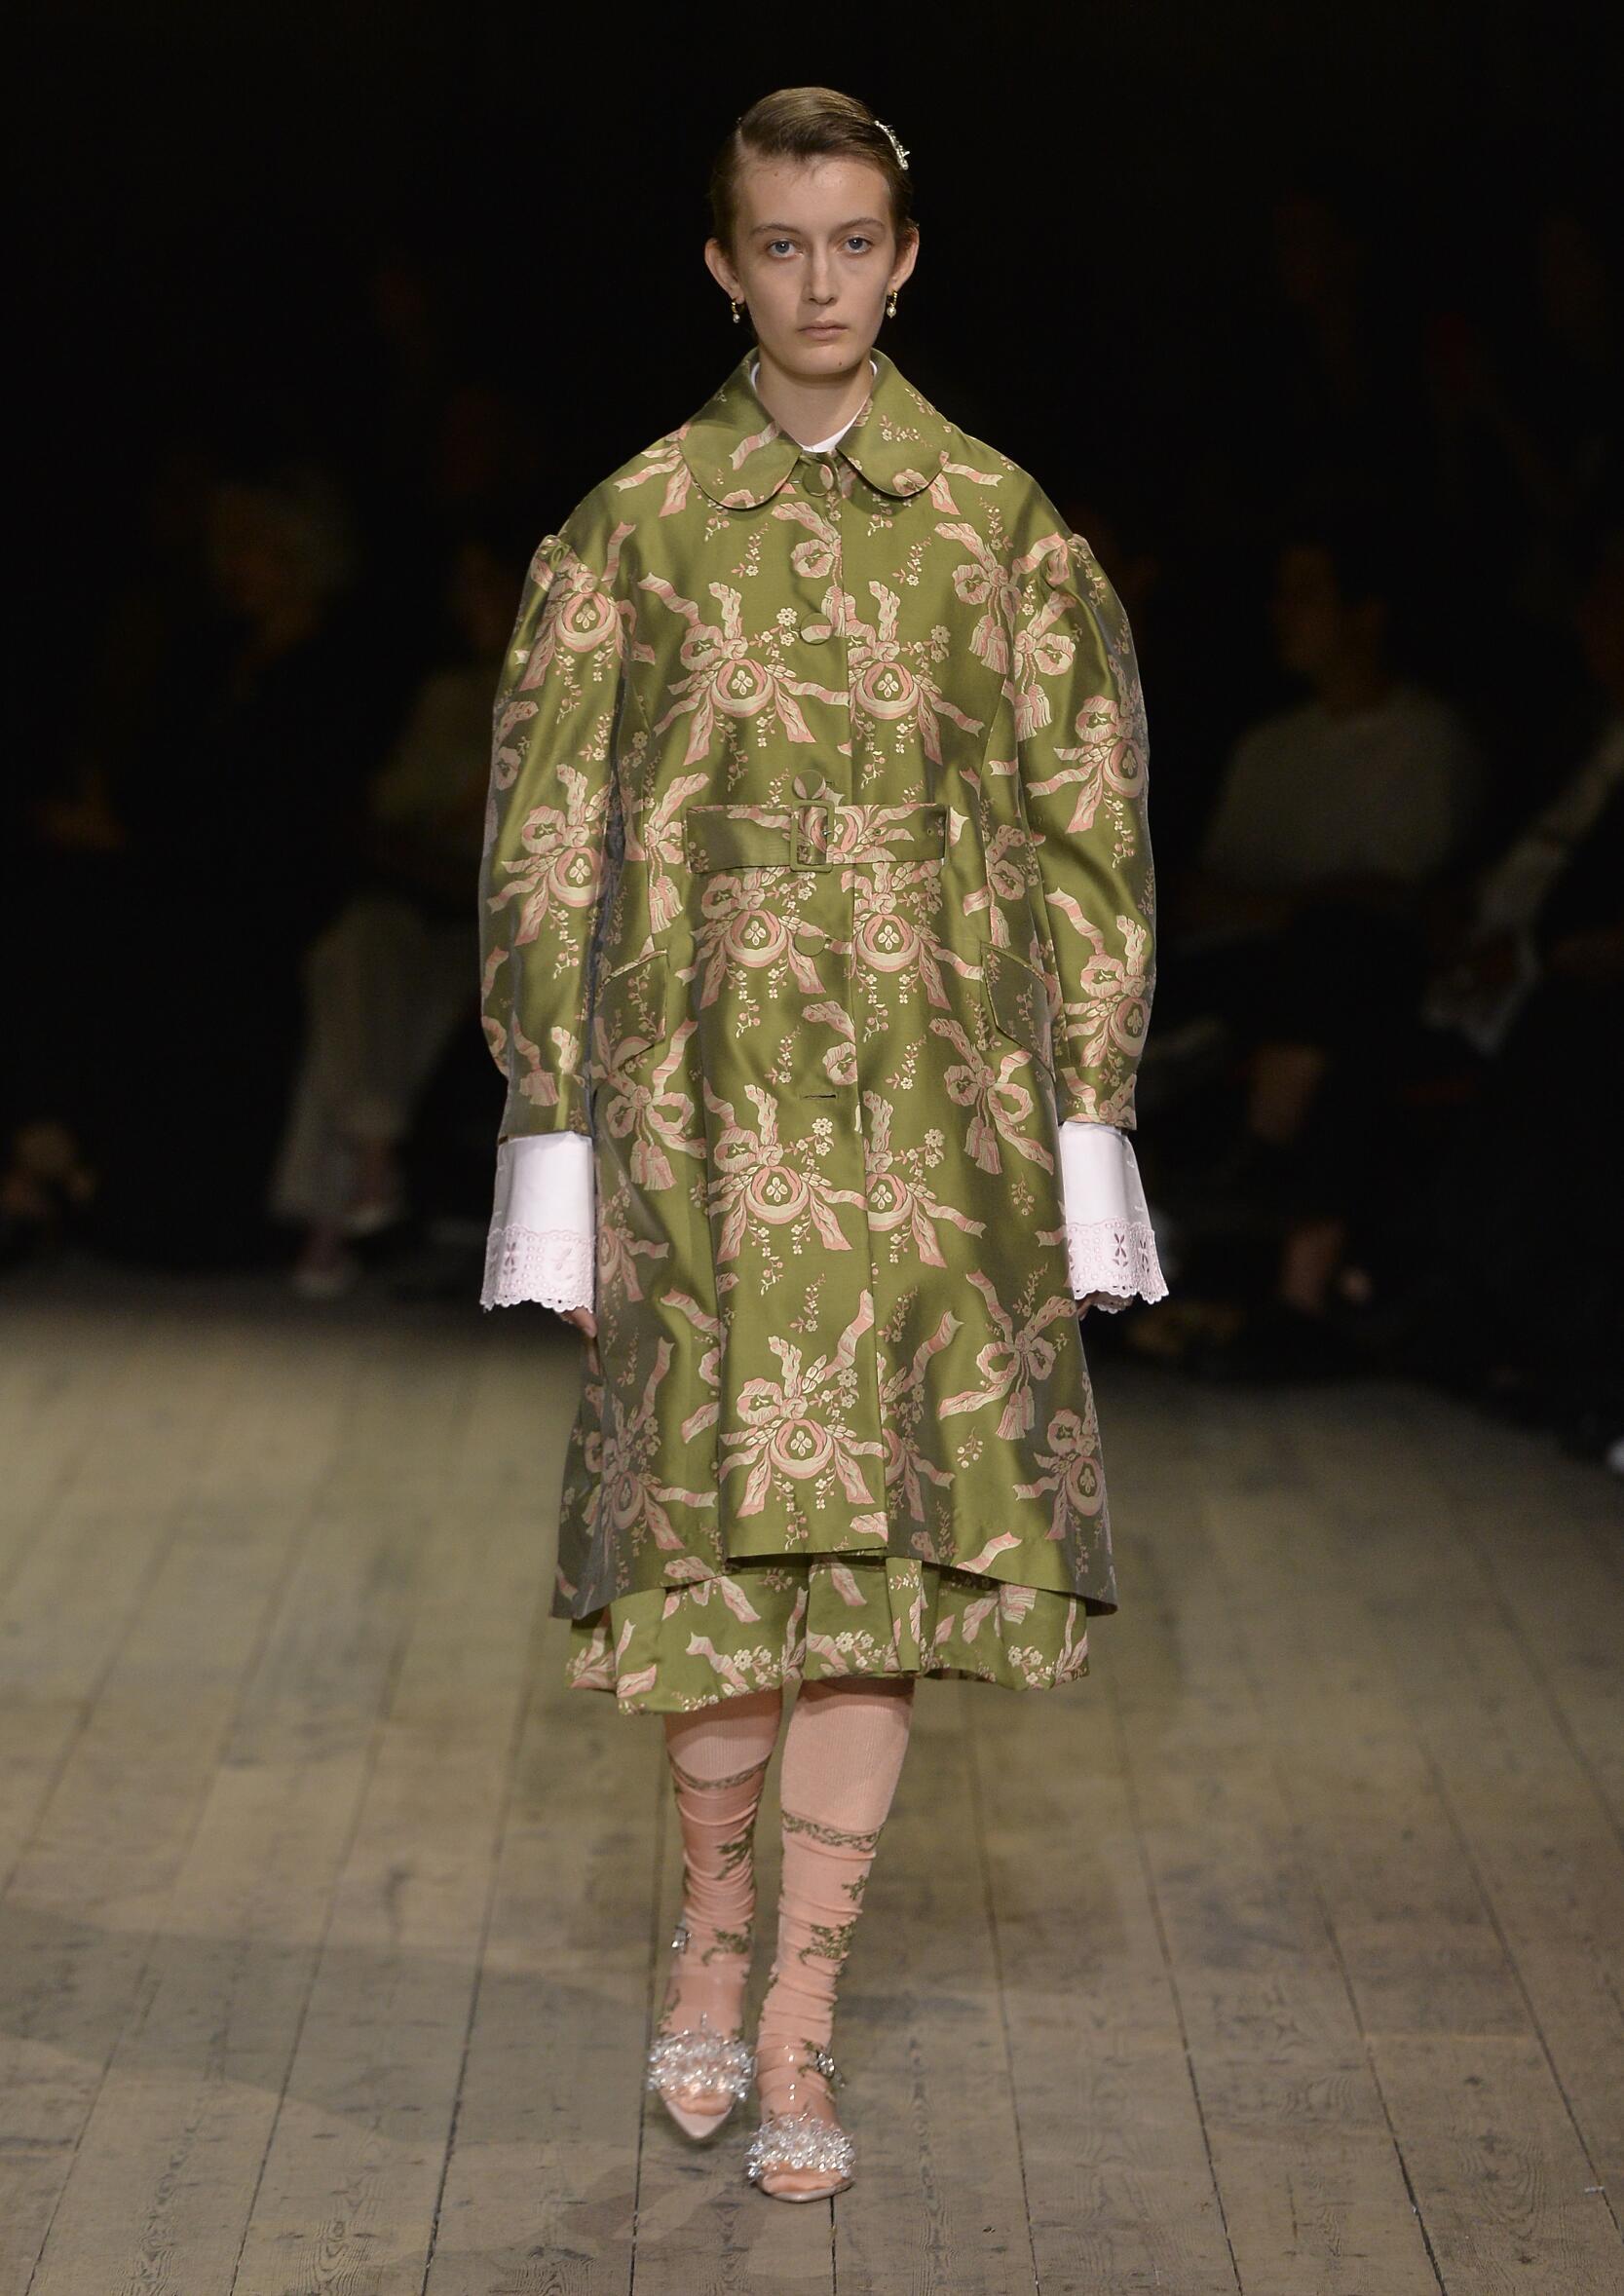 Fashion Model Woman Simone Rocha Catwalk